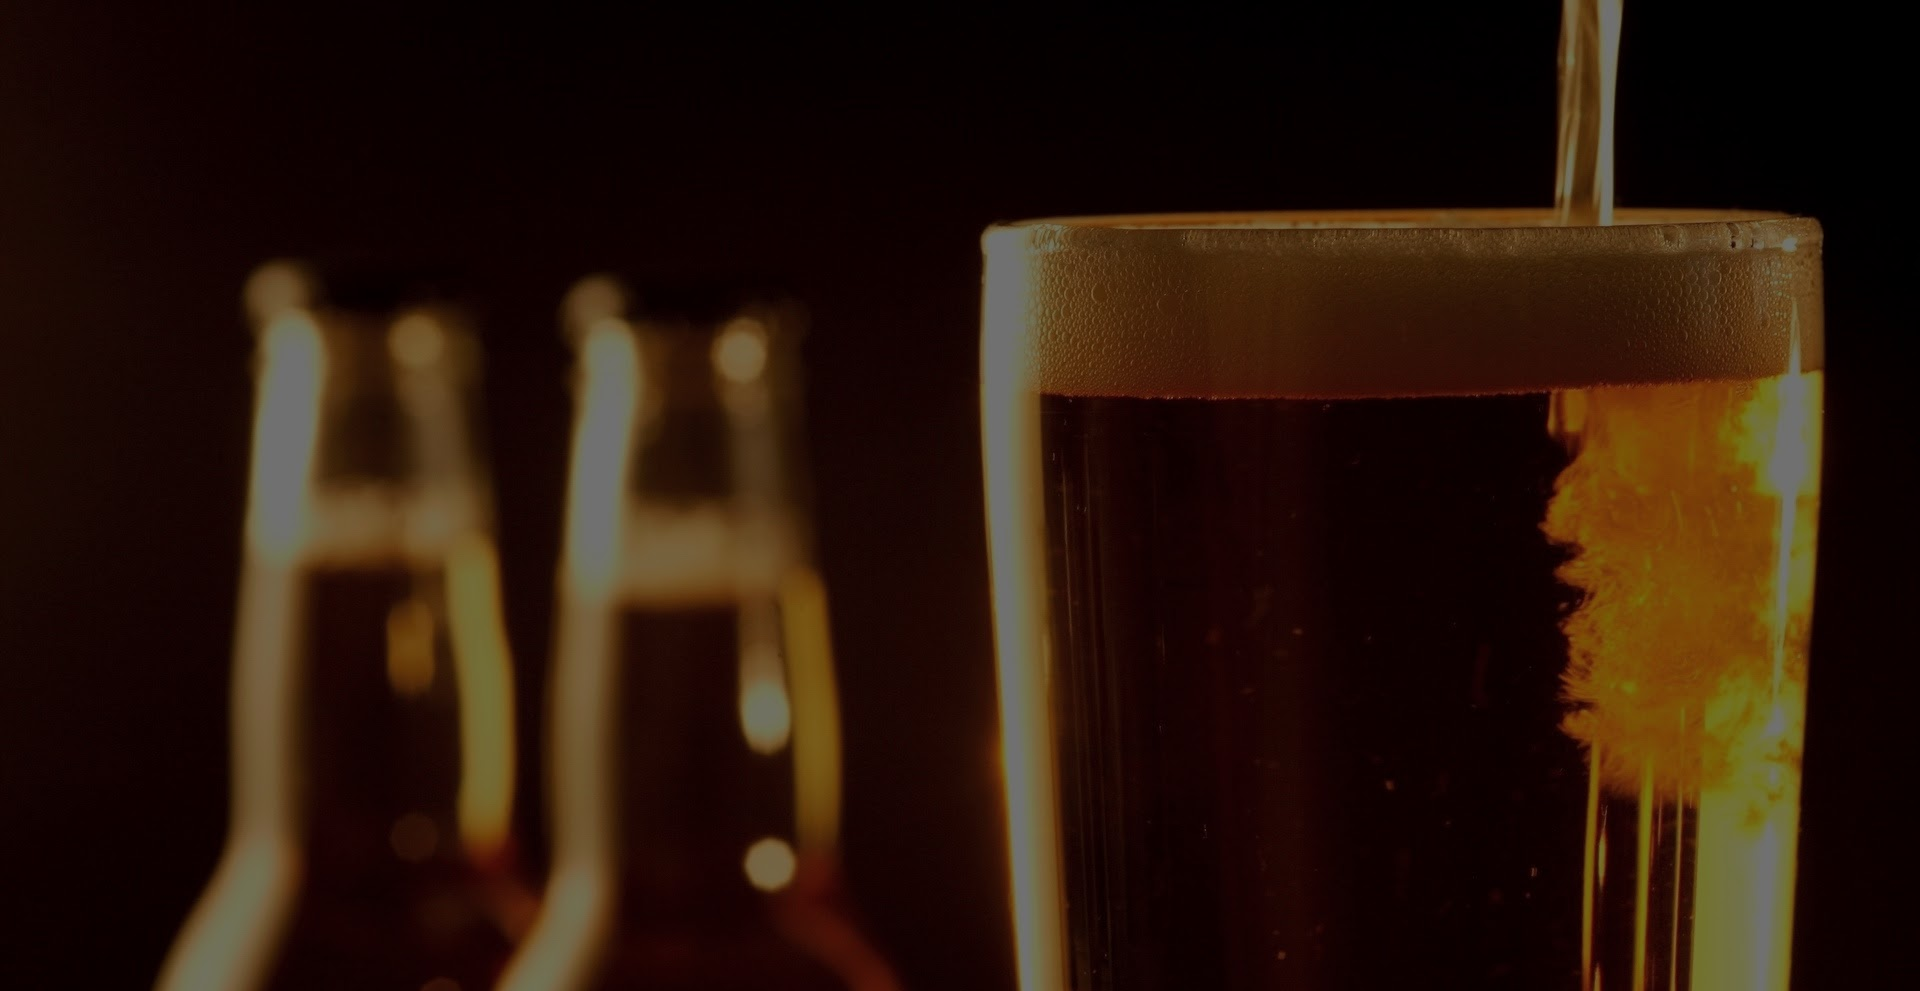 Mupi de cerveza gratis, ¡sólo para los amigos de verdad!